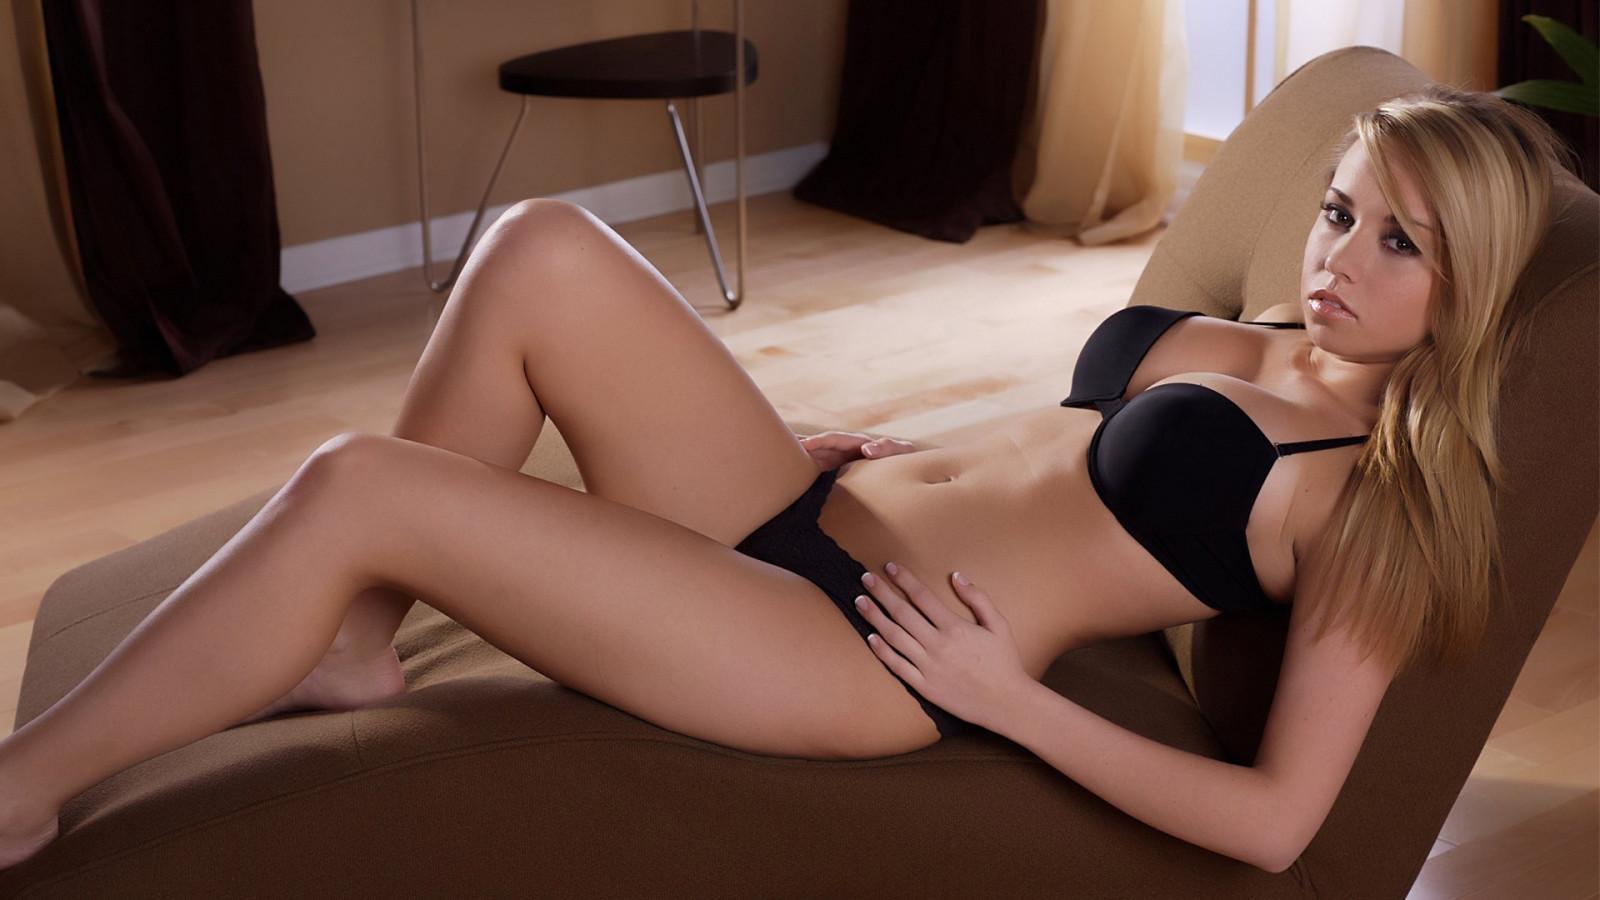 Hot Women Video